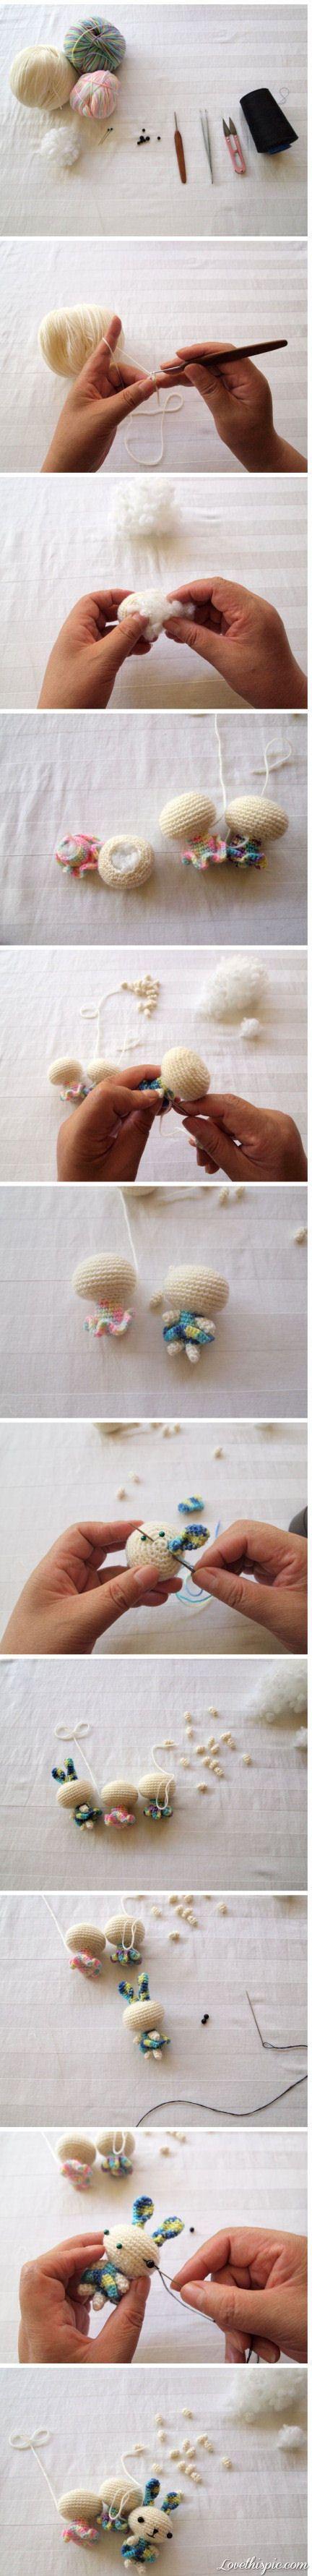 DIY Stuffed Animals, so cute